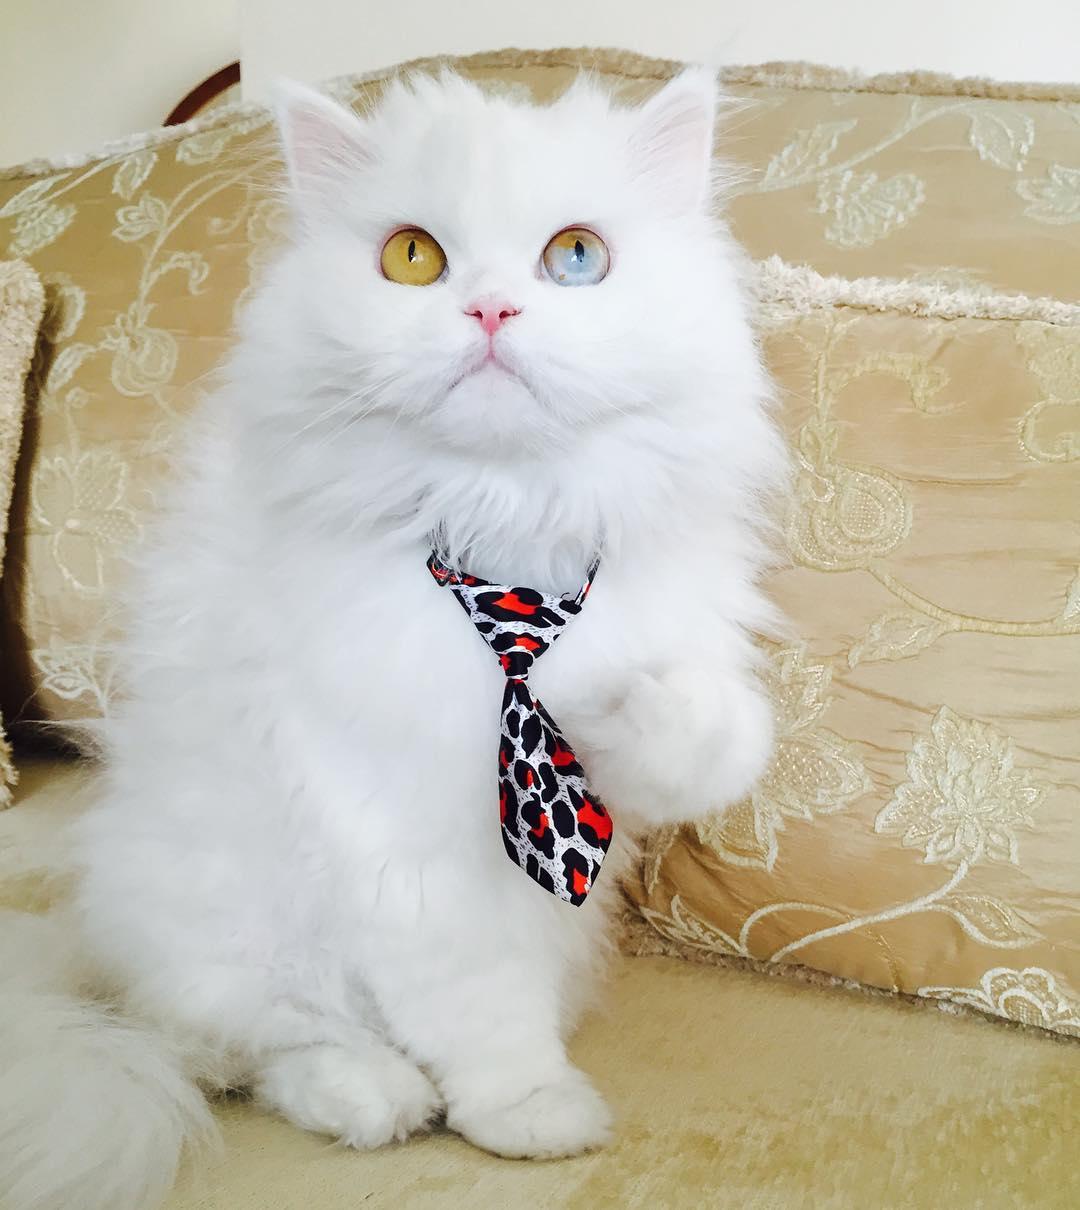 cici-kedi-instagram-patiliyo-2